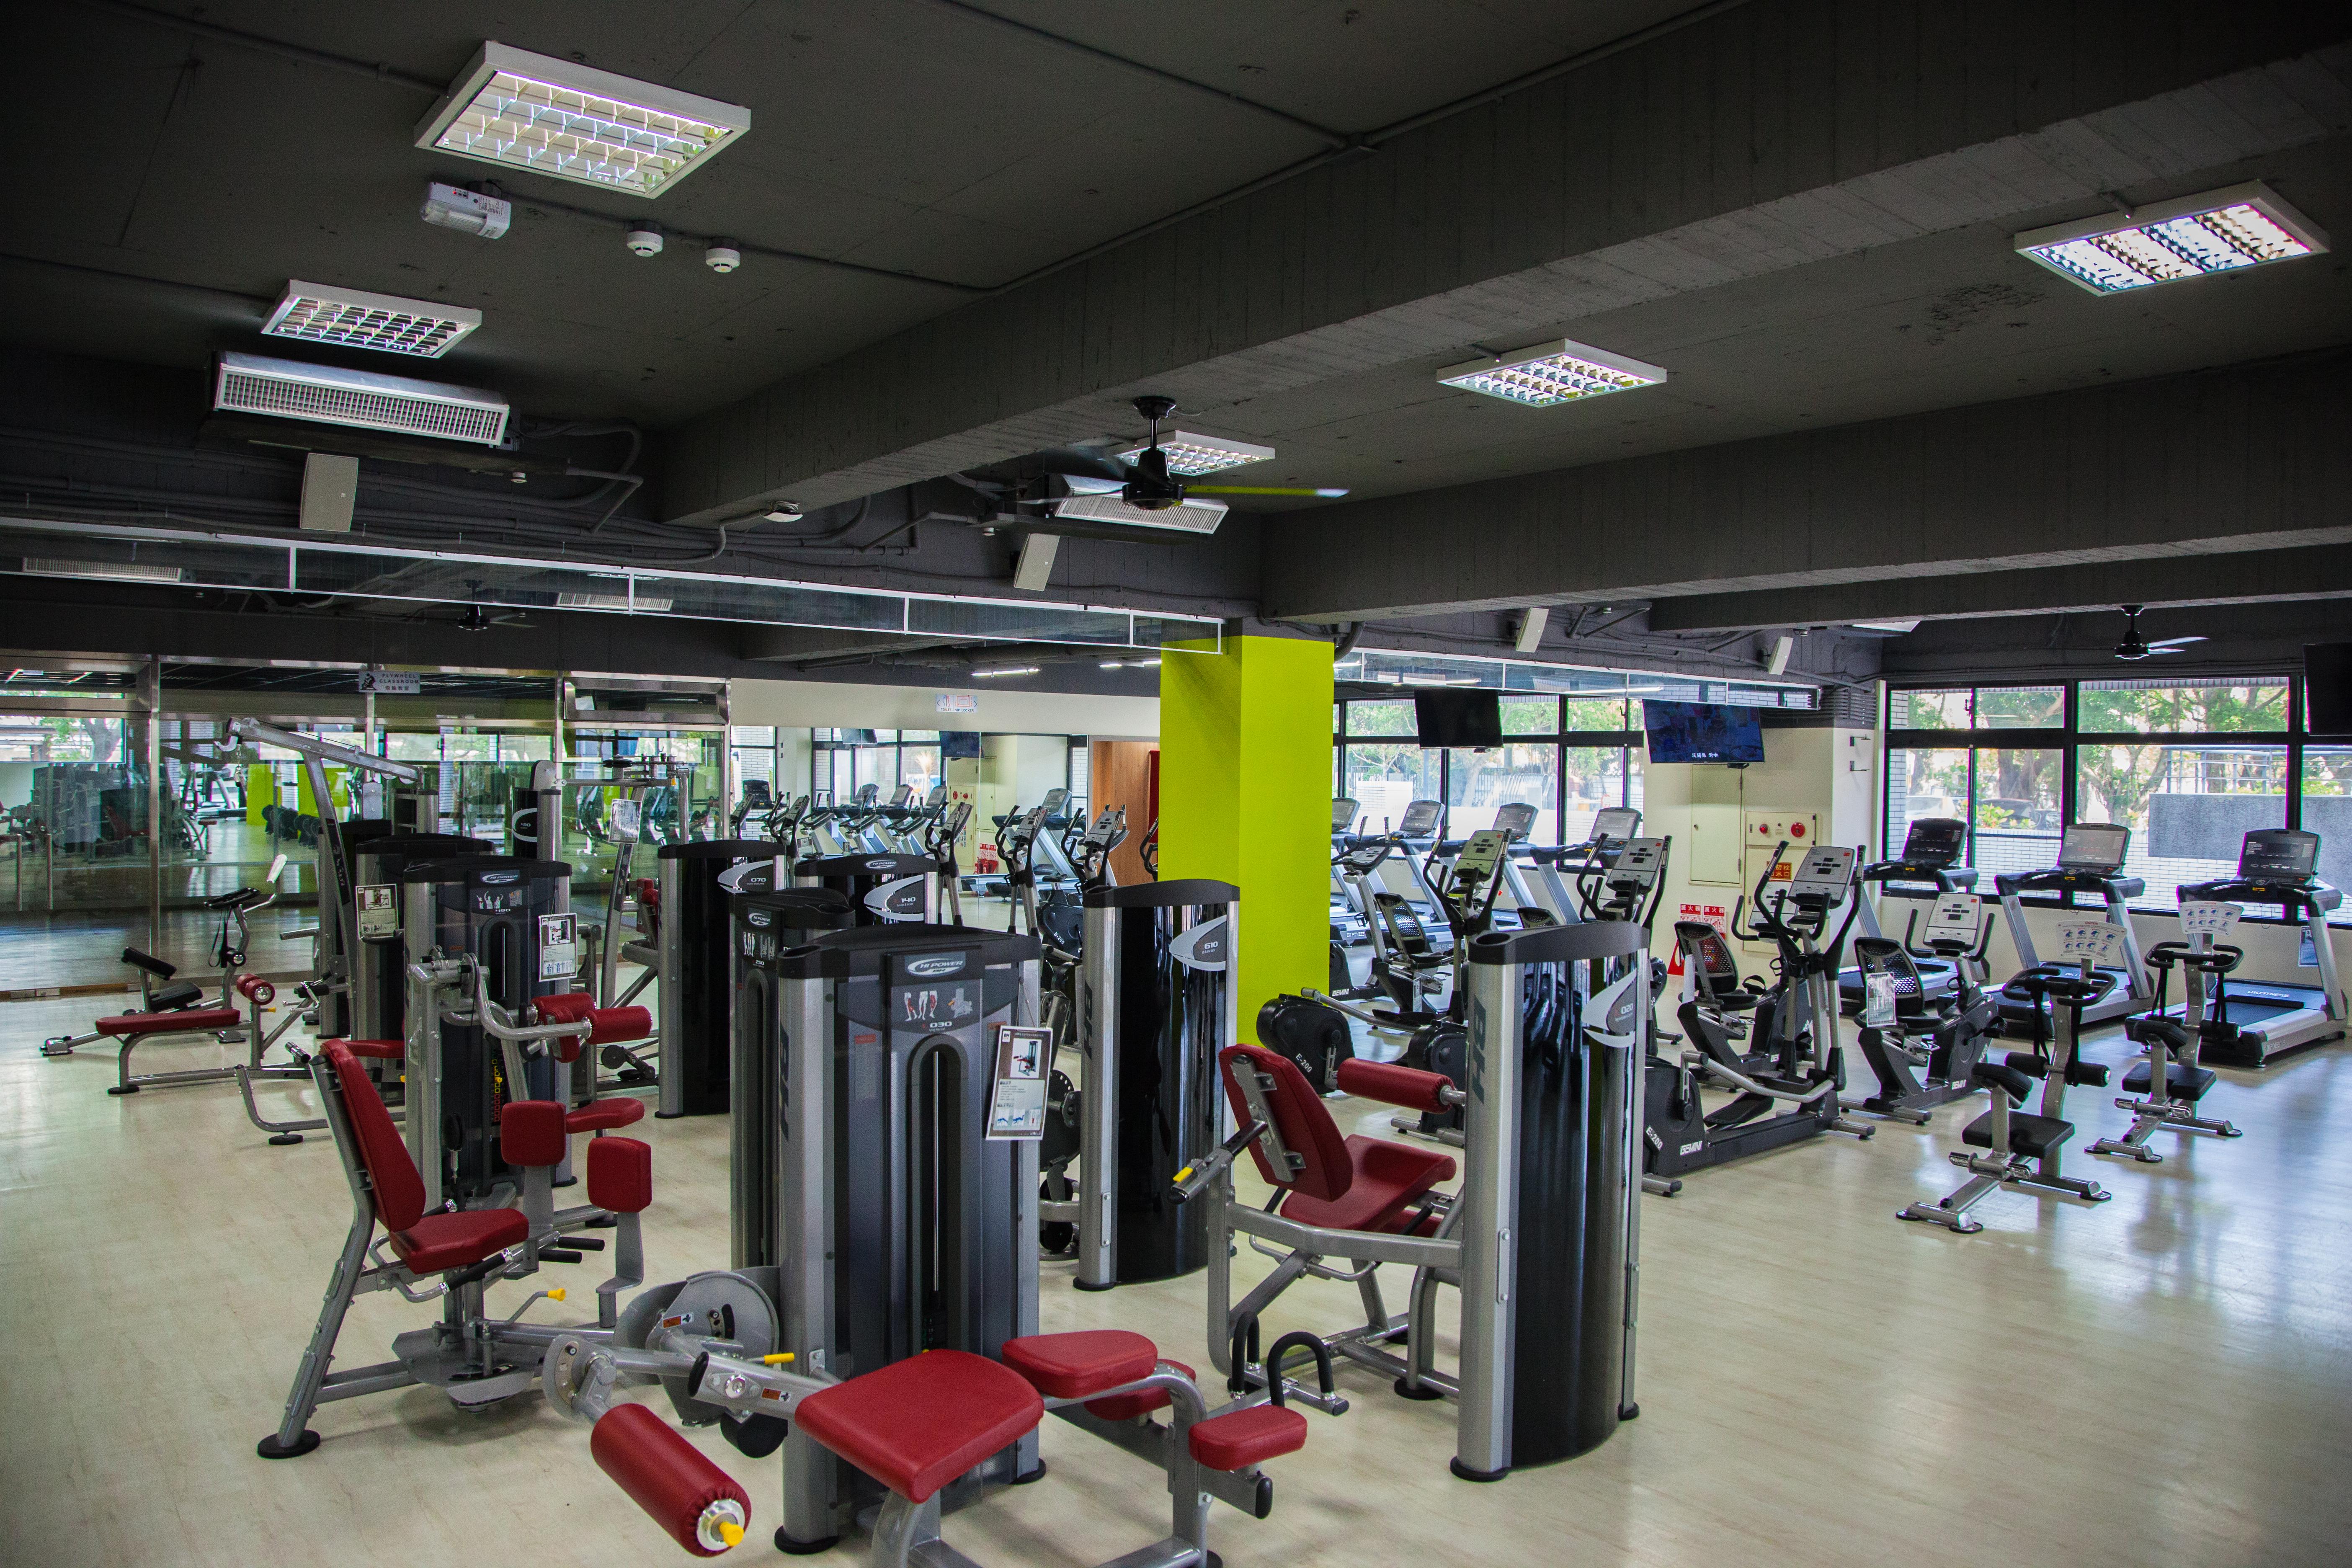 福星宿舍健身房